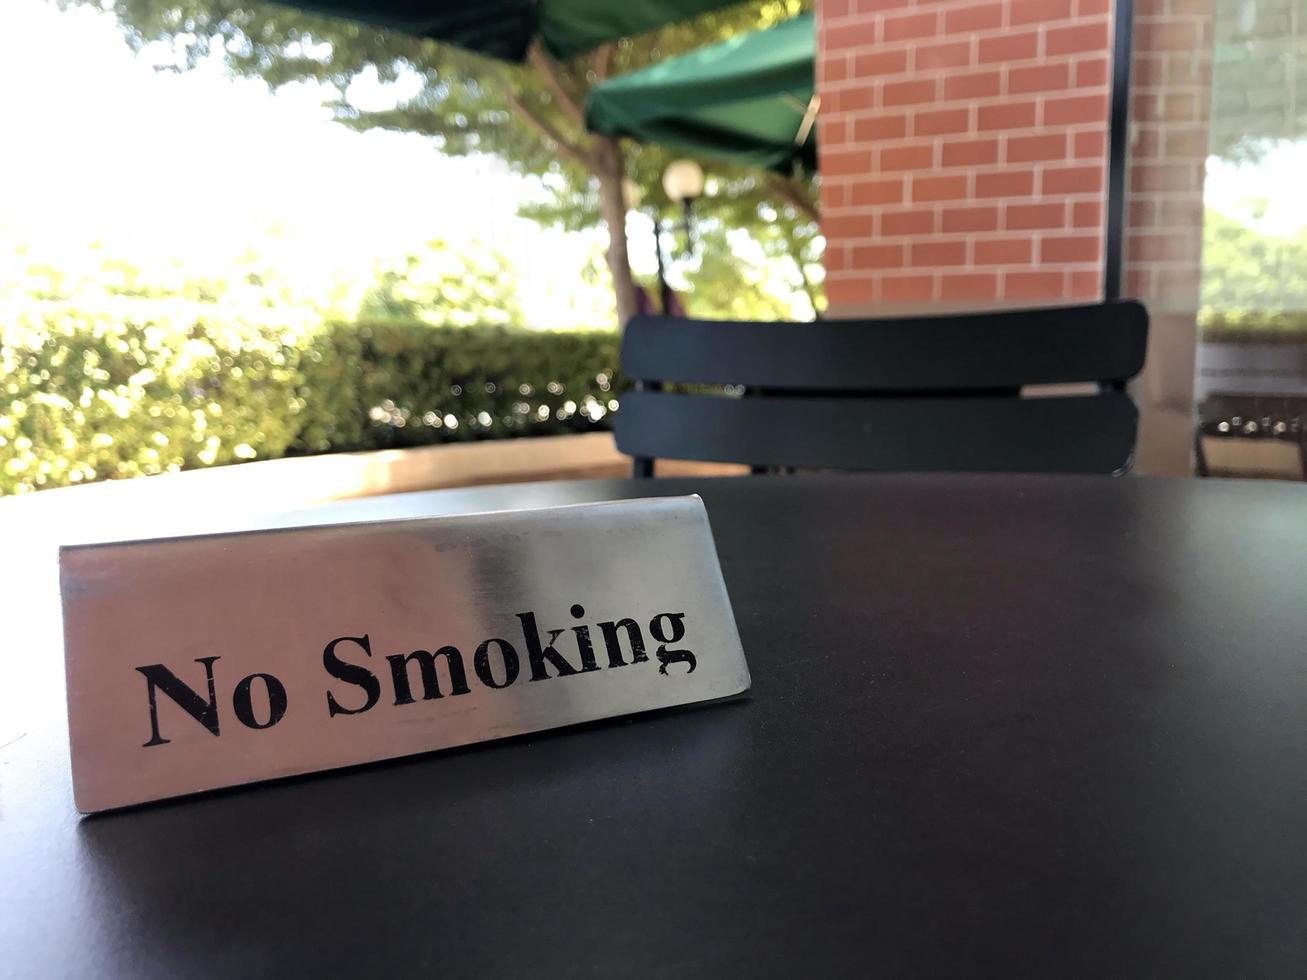 Rauchverbot auf einem Tisch foto